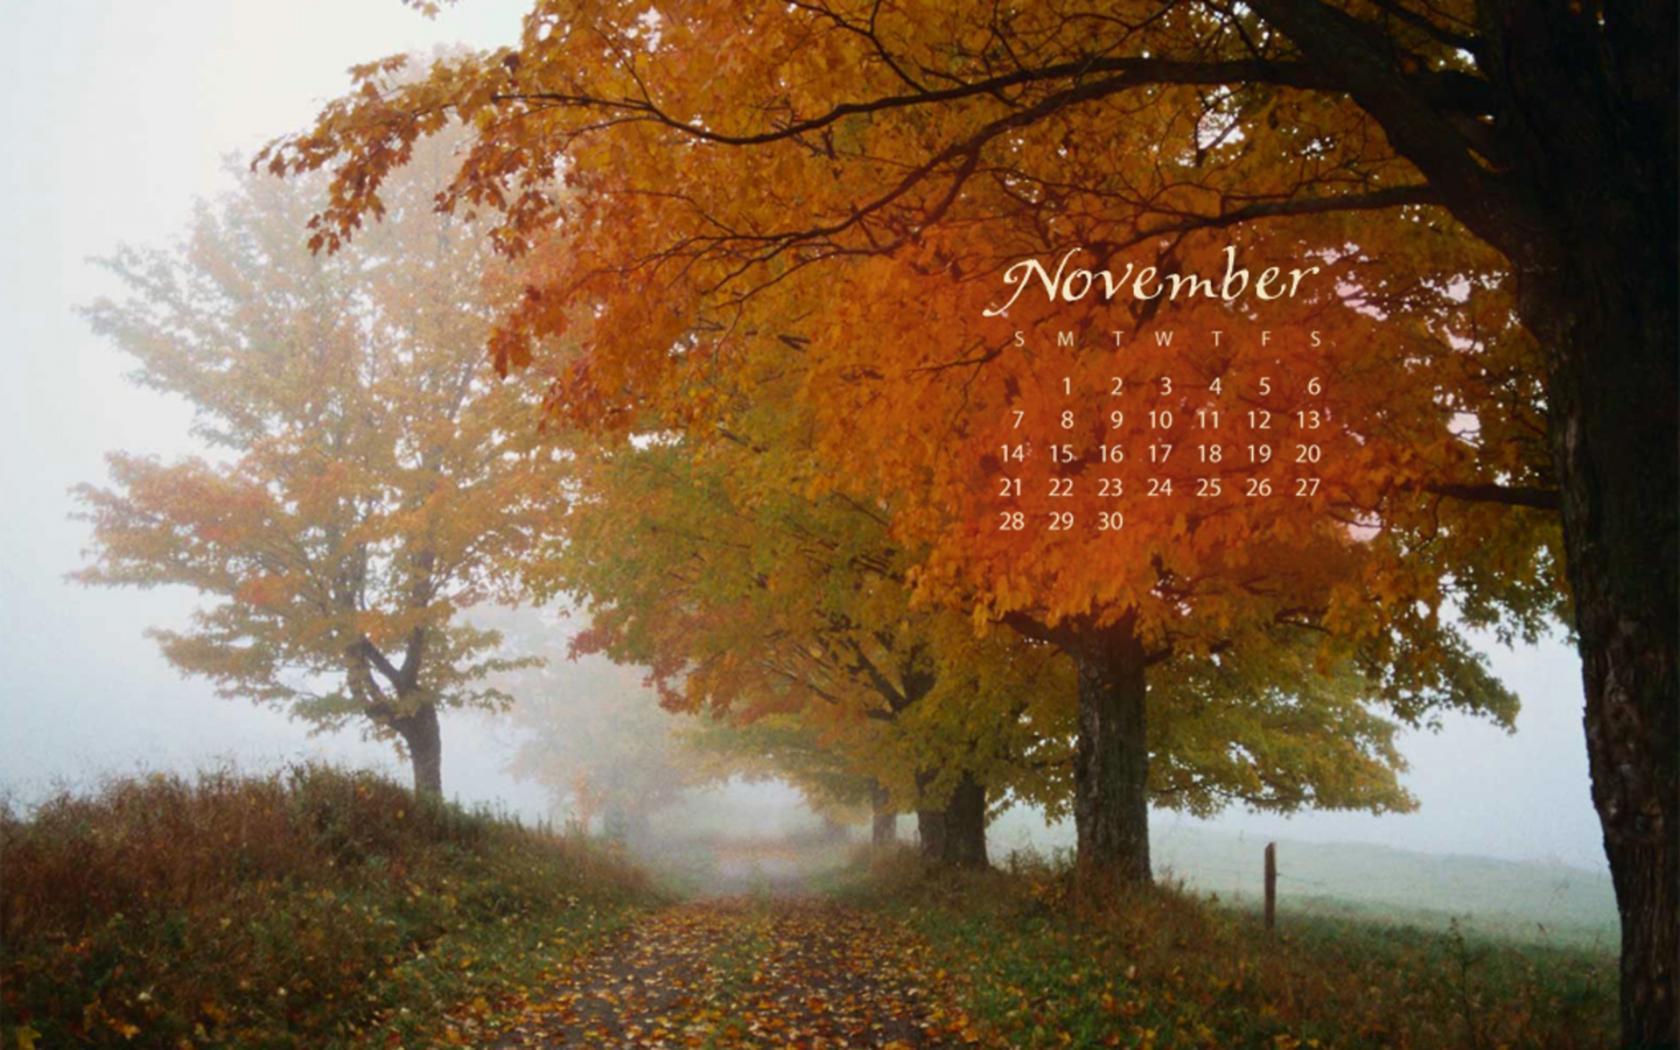 Когда сажать редис в 2016 году по лунному календарю